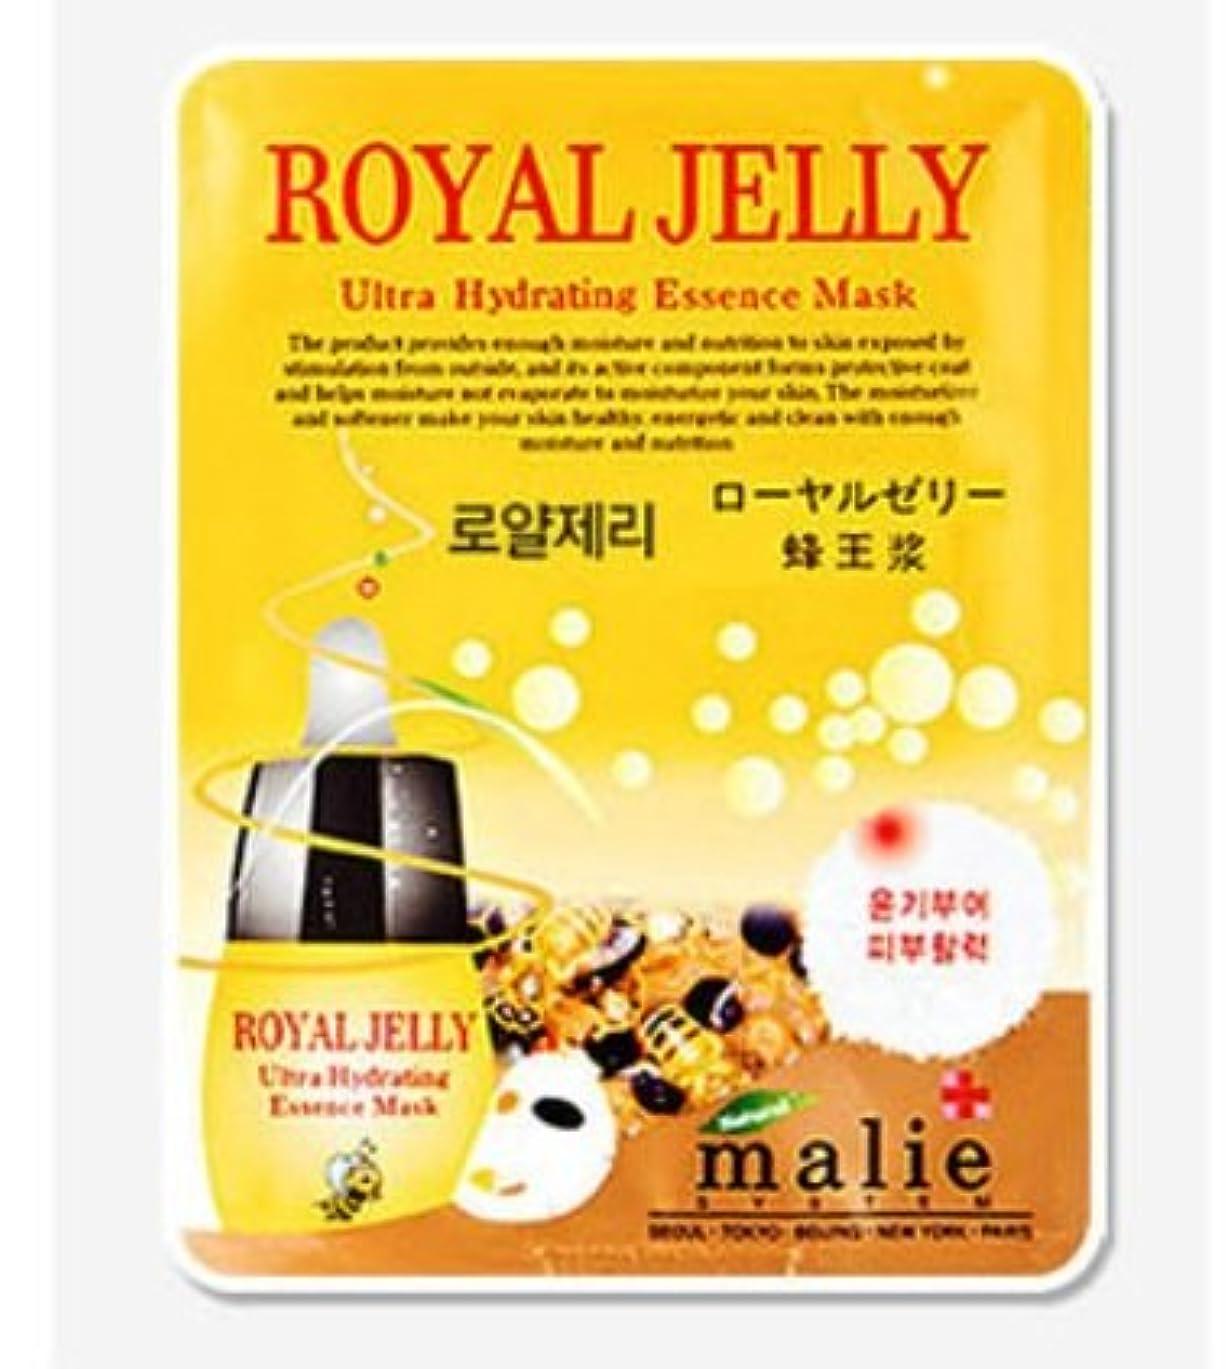 抑止する批判する故意に[MALIE] まりえローヤルゼリーウルトラ?ハイドレーティング?エッセンスマスク25gX10枚 / Malie Royal Jelly Ultra Hydrating Essence Mask [並行輸入品]